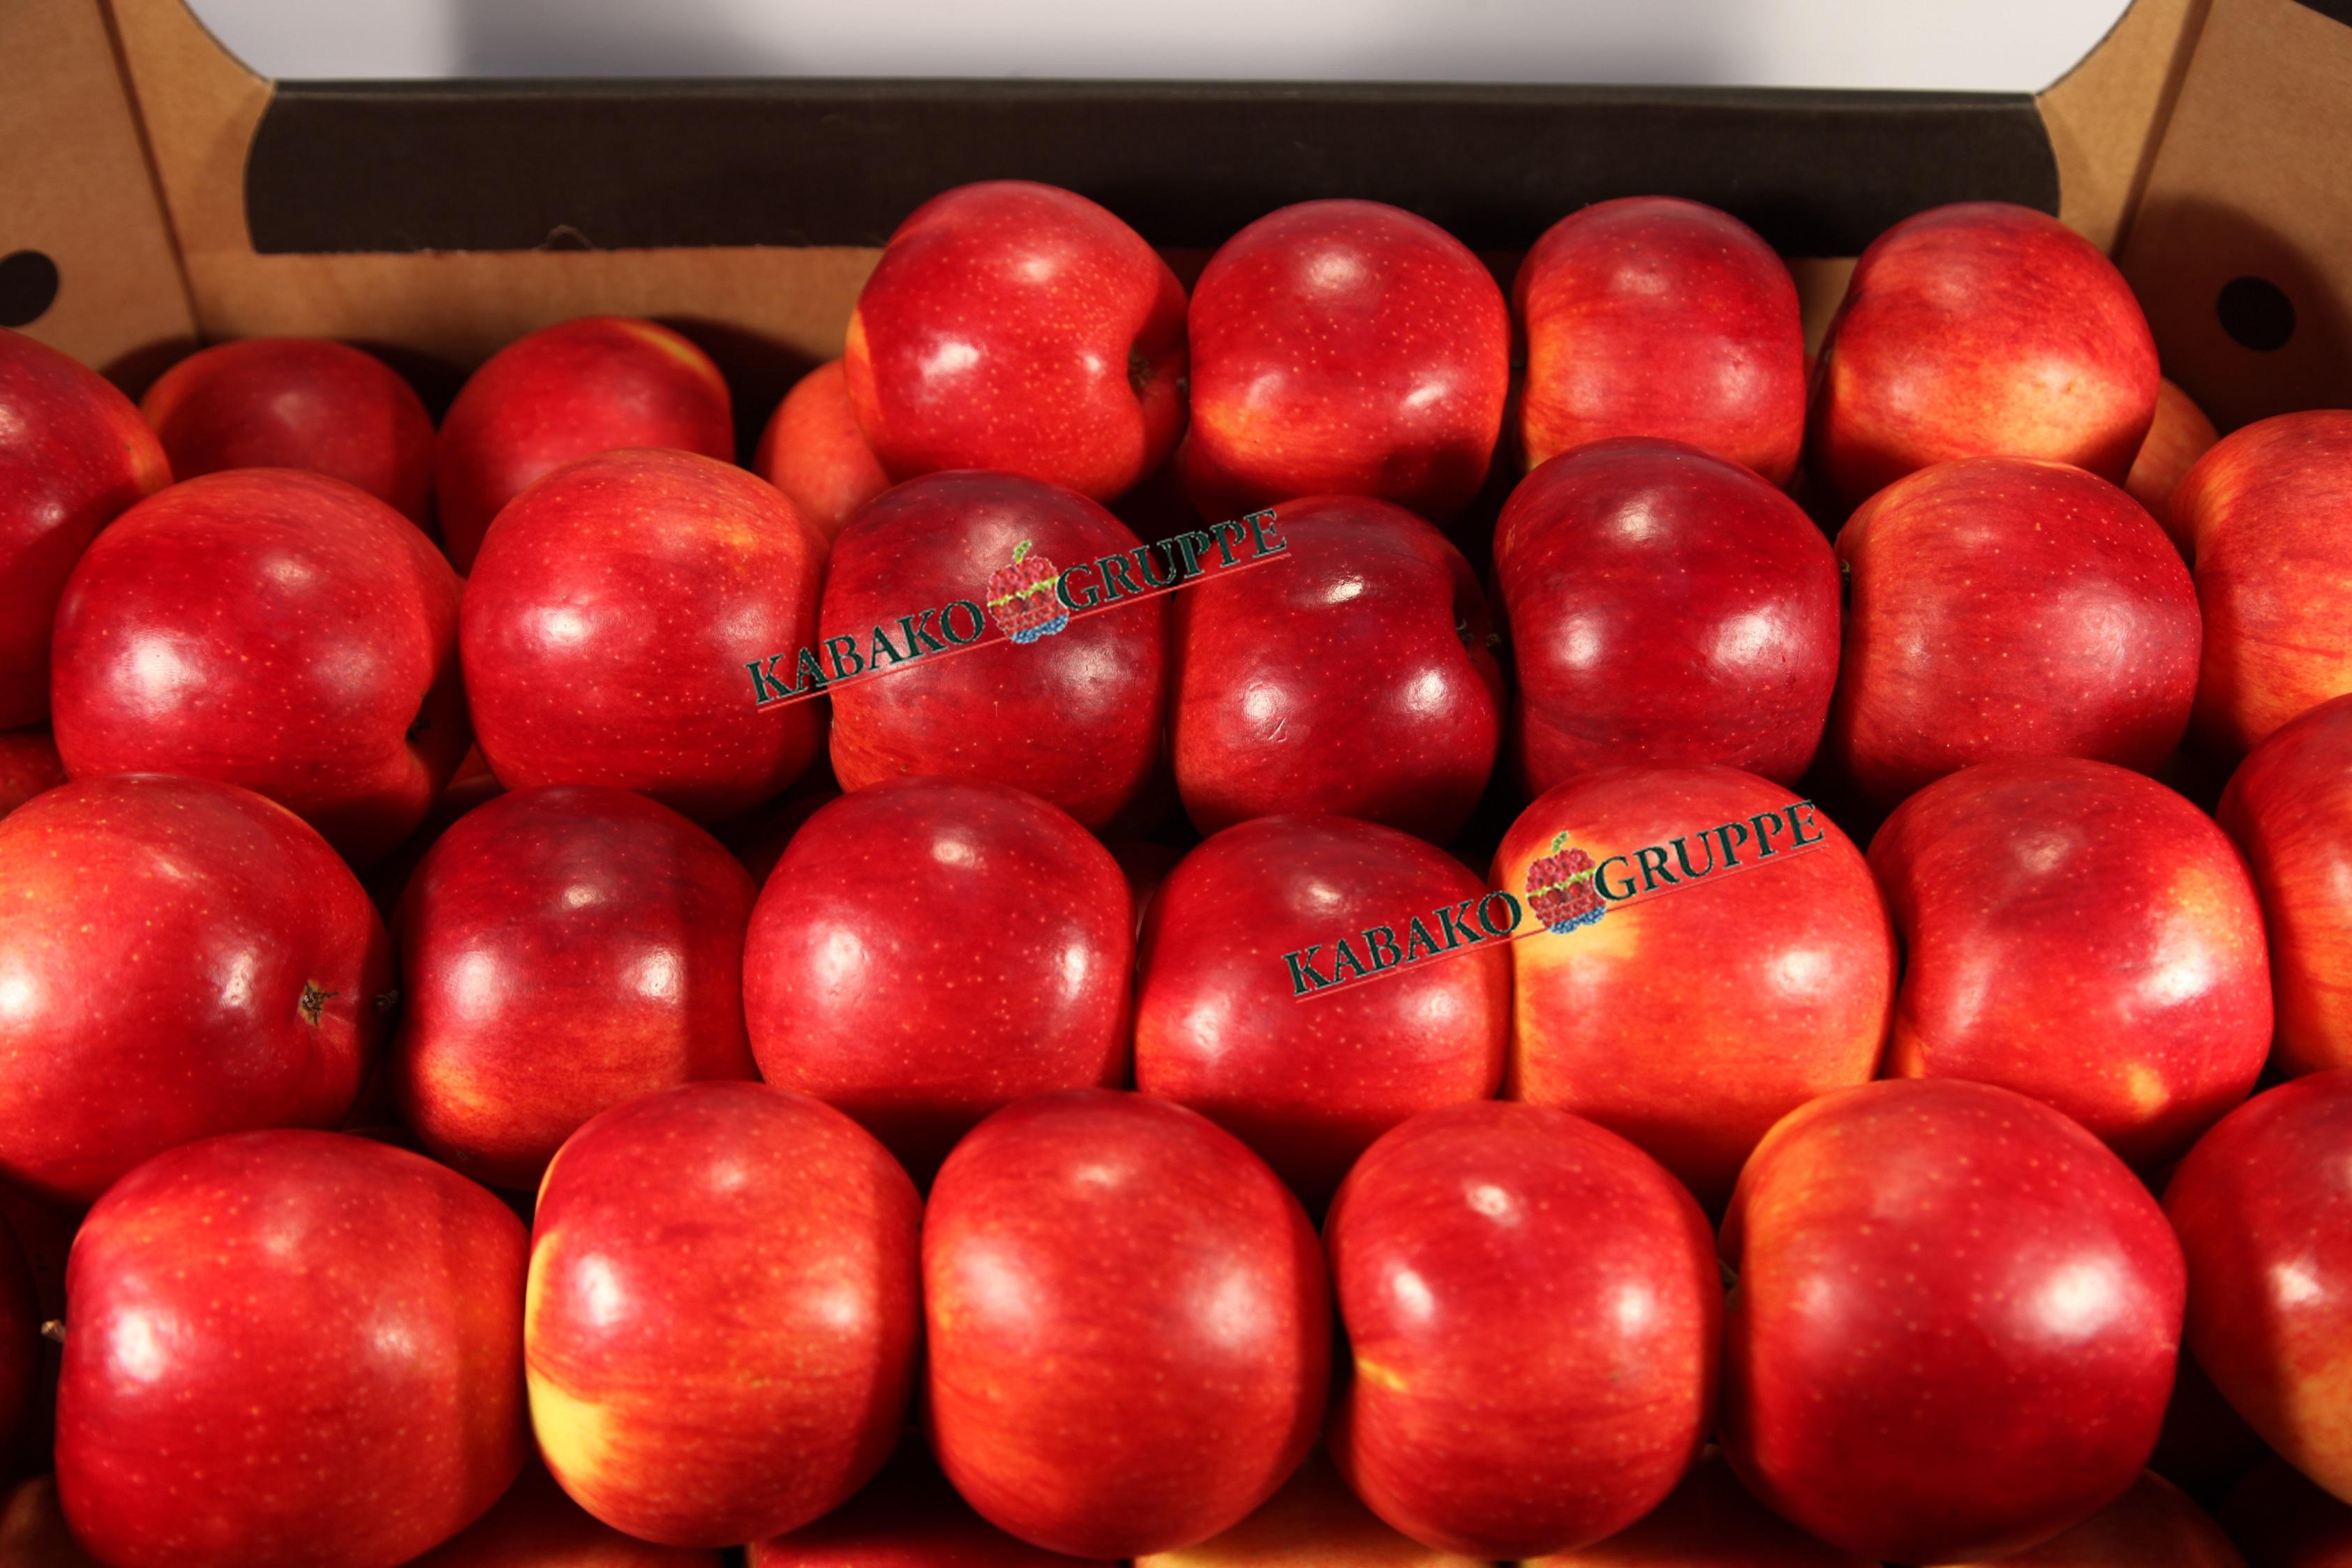 Frozen (IQF) Apples 51